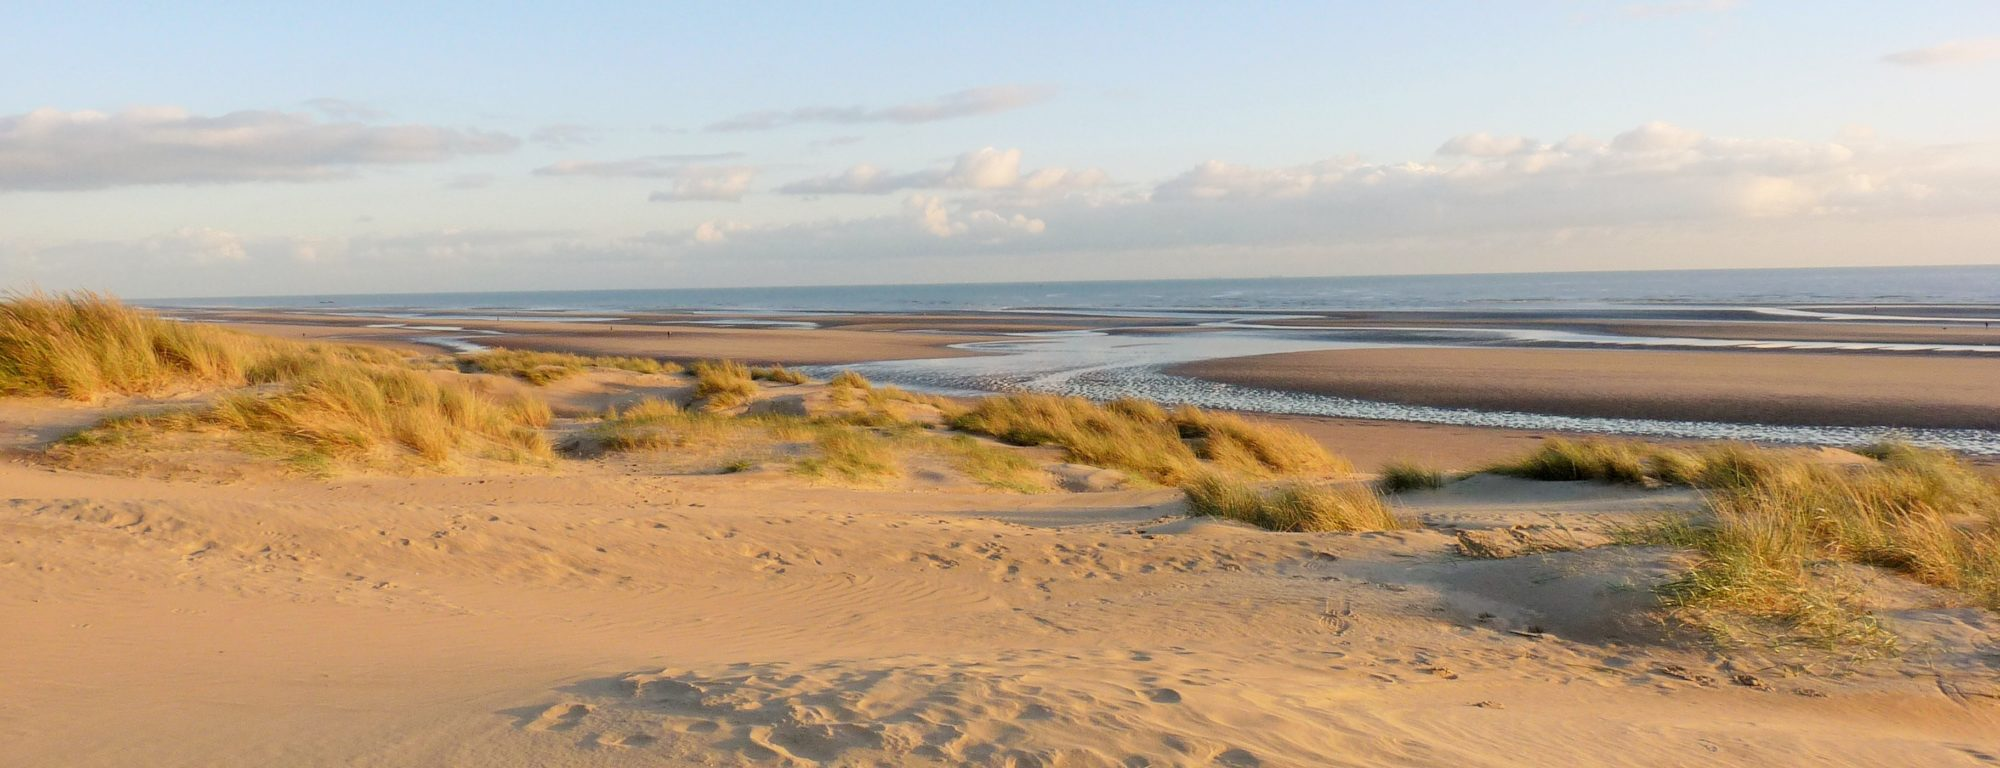 camber-sands-dunes